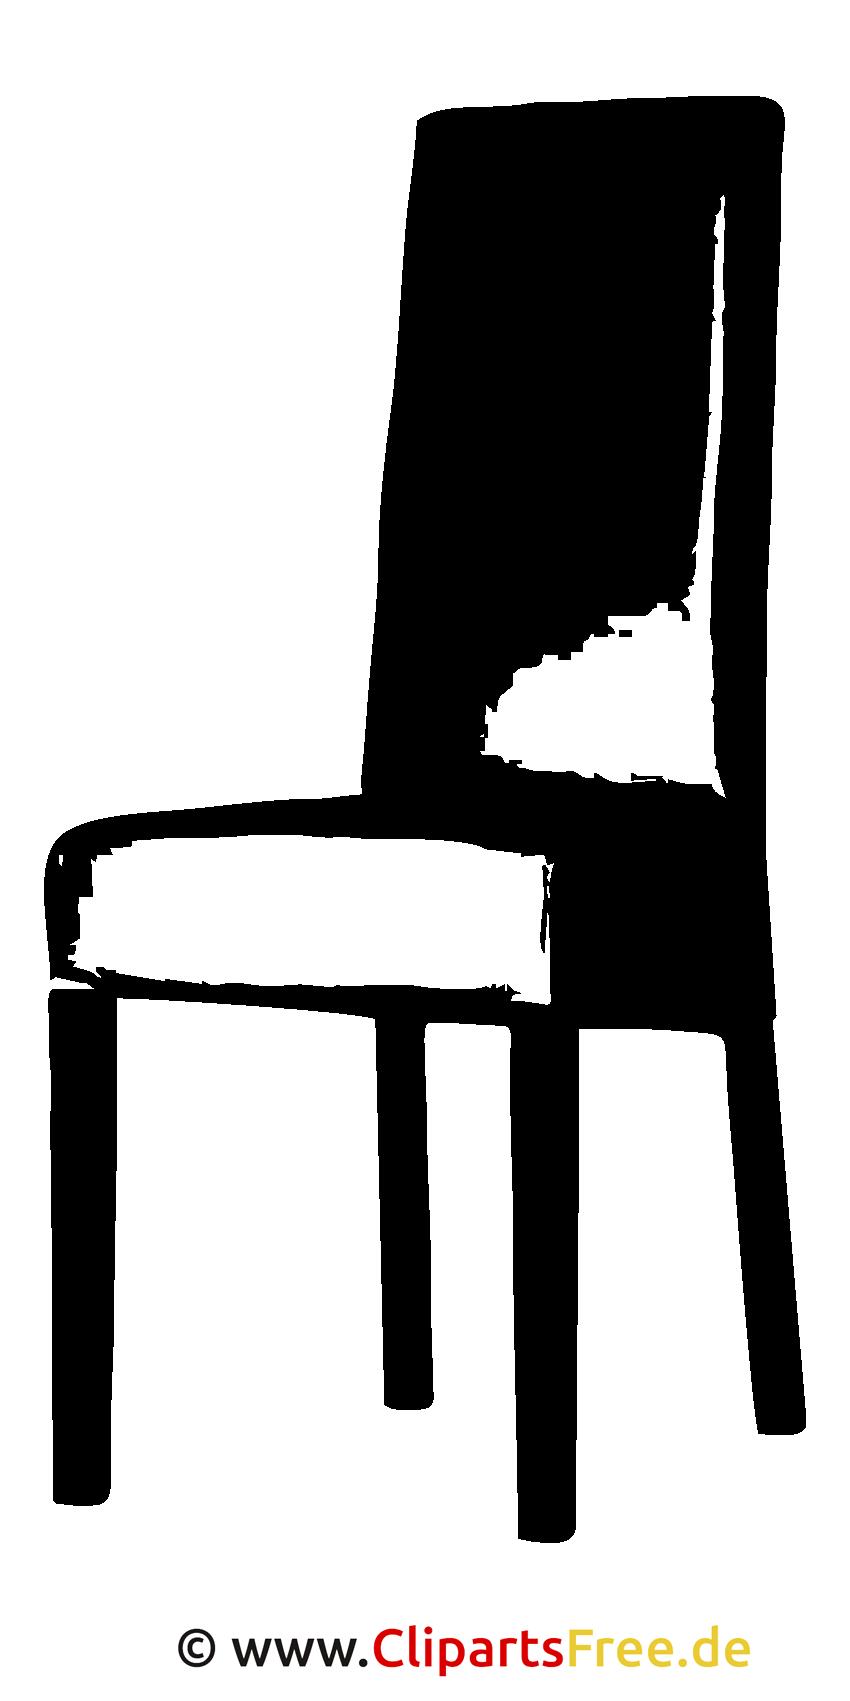 Clipart SVG - Lederstuhl Bild